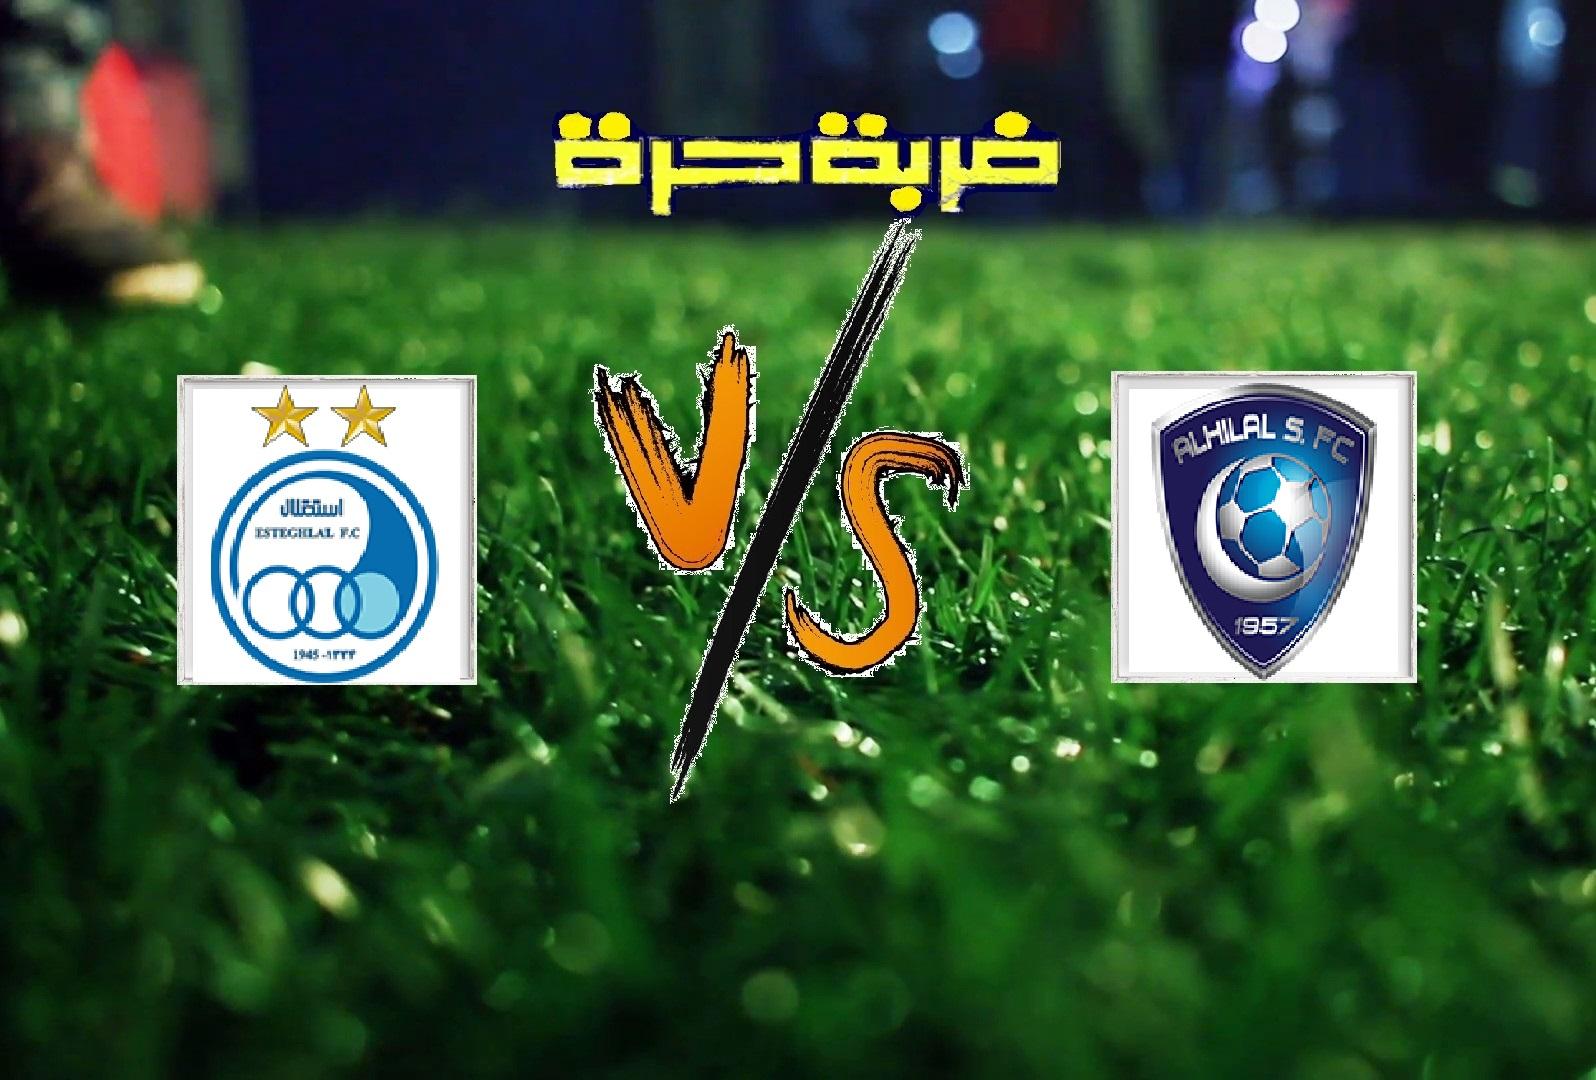 الهلال يفوز على استقلال طهران بهدف دون رد في الجولة الرابعة من دوري أبطال آسيا